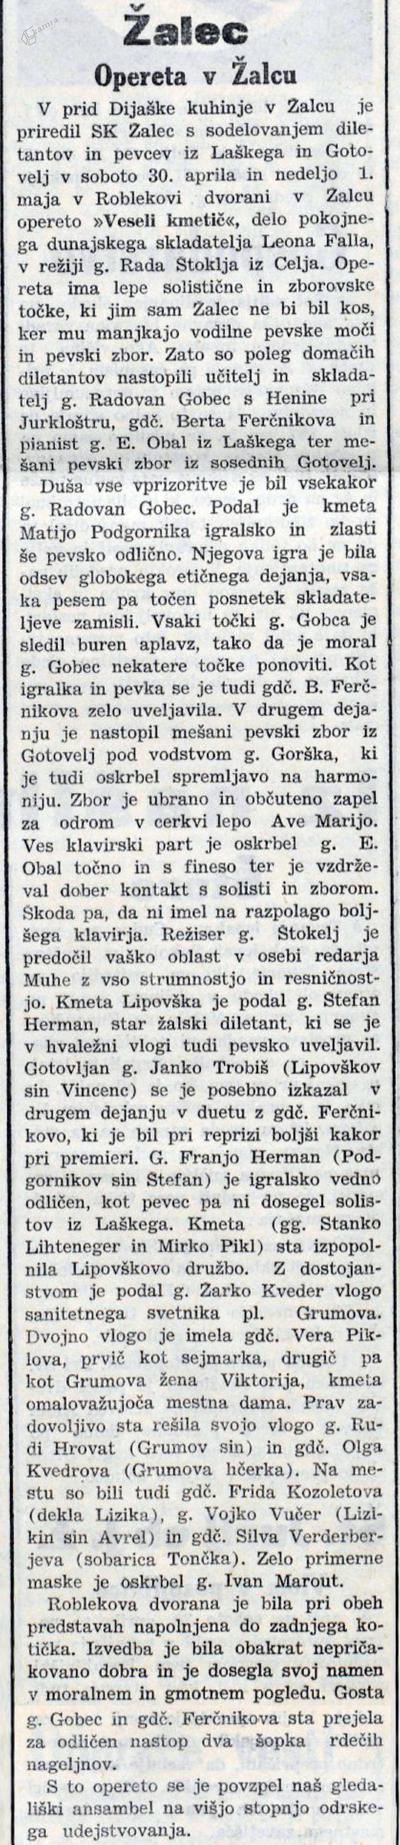 Kritika operete Veseli kmetič v Novi dobi